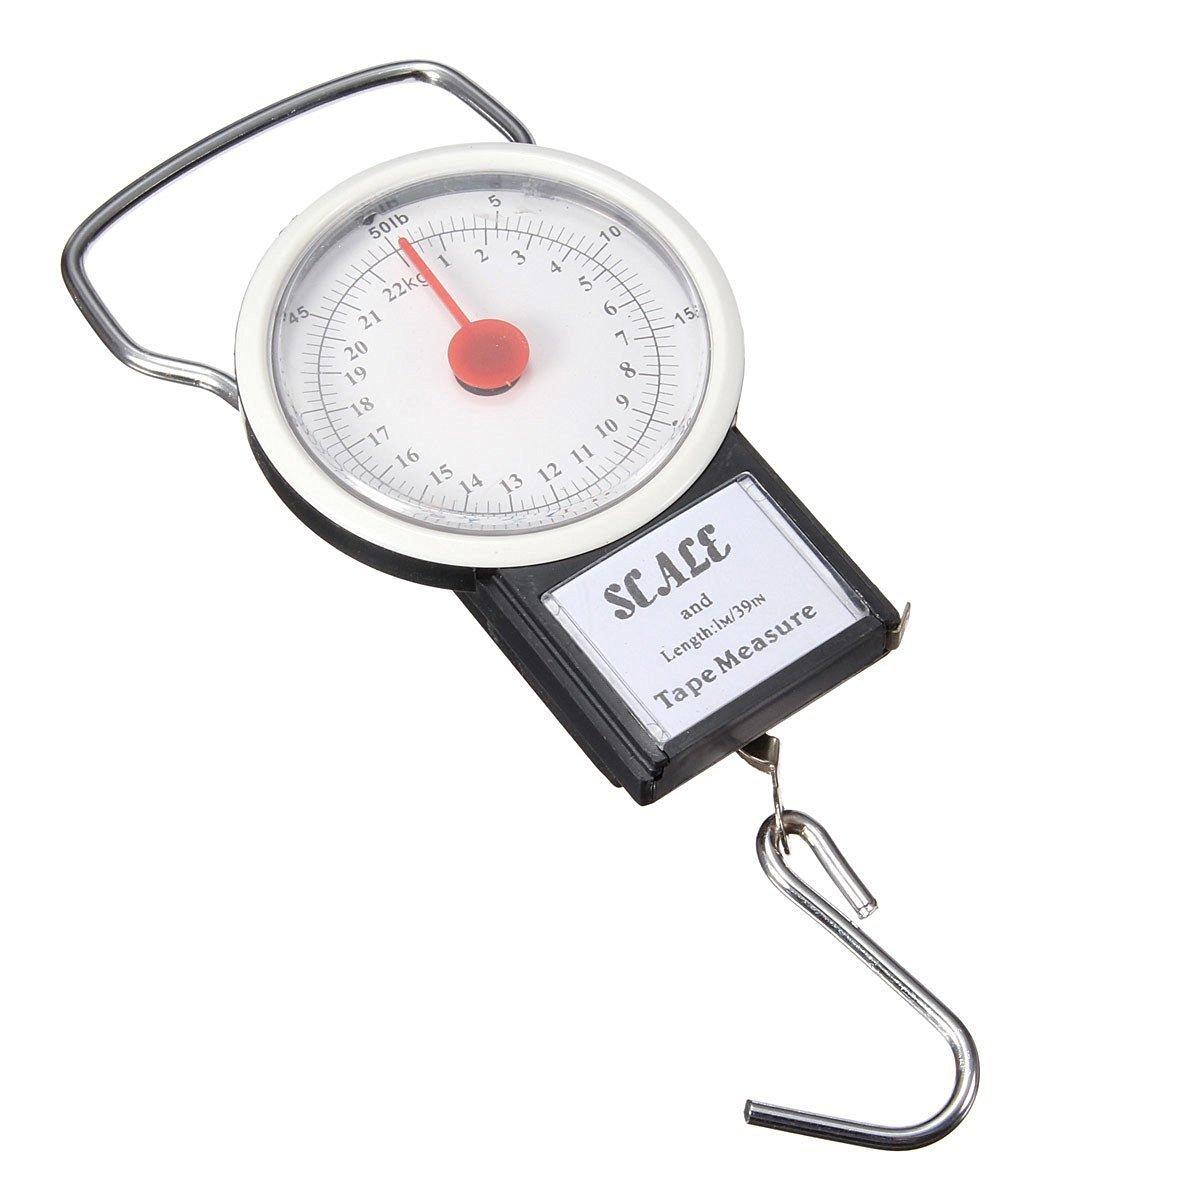 Báscula para pesar pescado, hasta 22 kg, gancho para colgar, con 1 m de cinta métrica, báscula para equipaje, por HomeElabador: Amazon.es: Deportes y aire ...